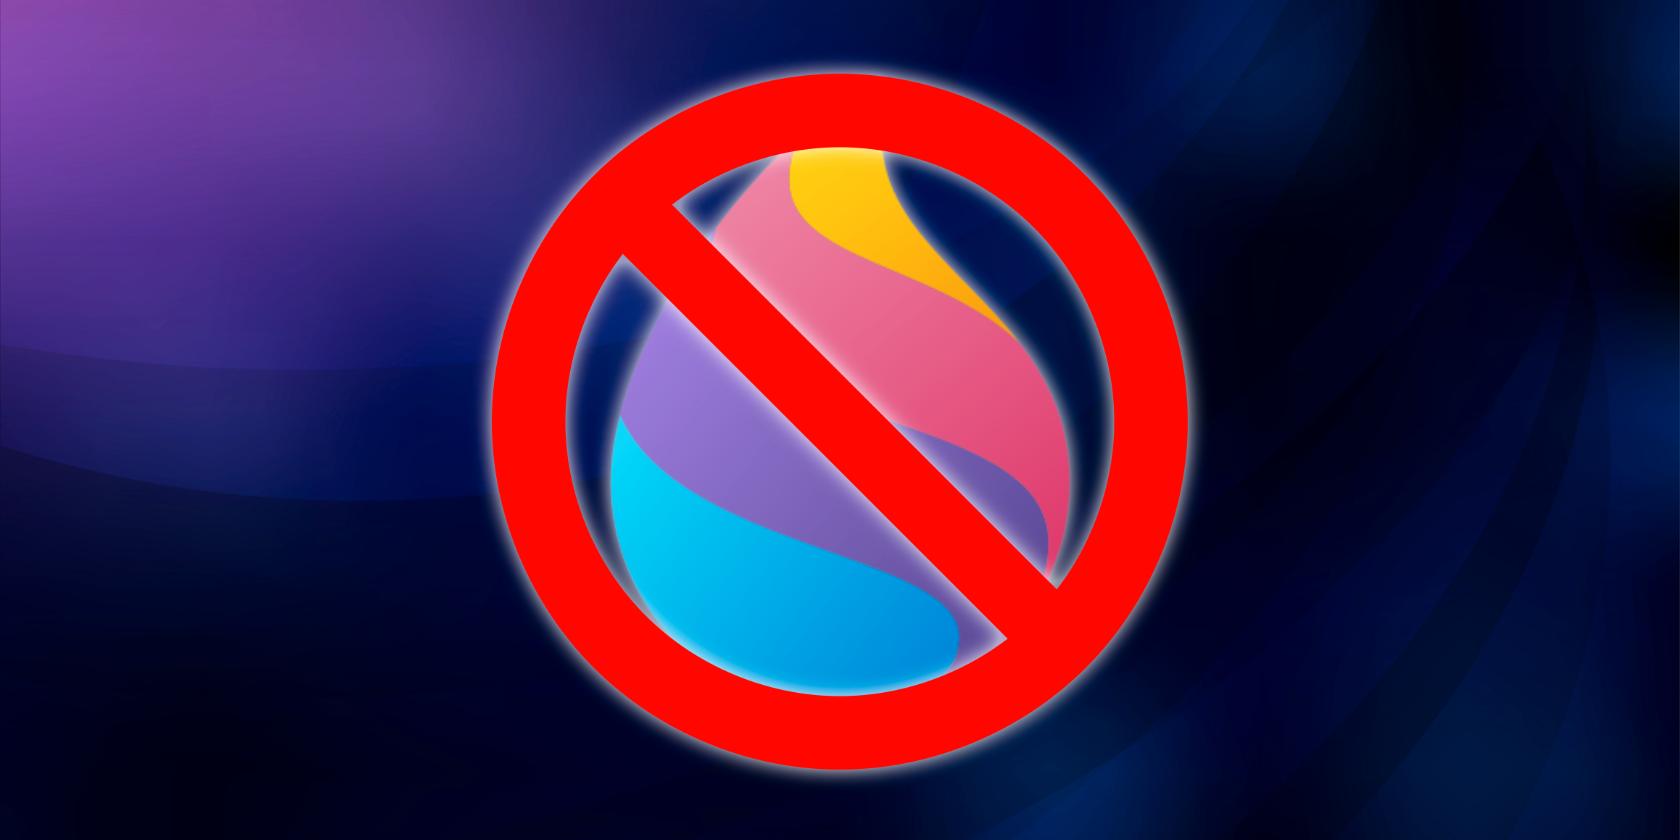 ویندوز 10 به زودی دیگر باعث نمی شود شما از Paint 3D استفاده کنید